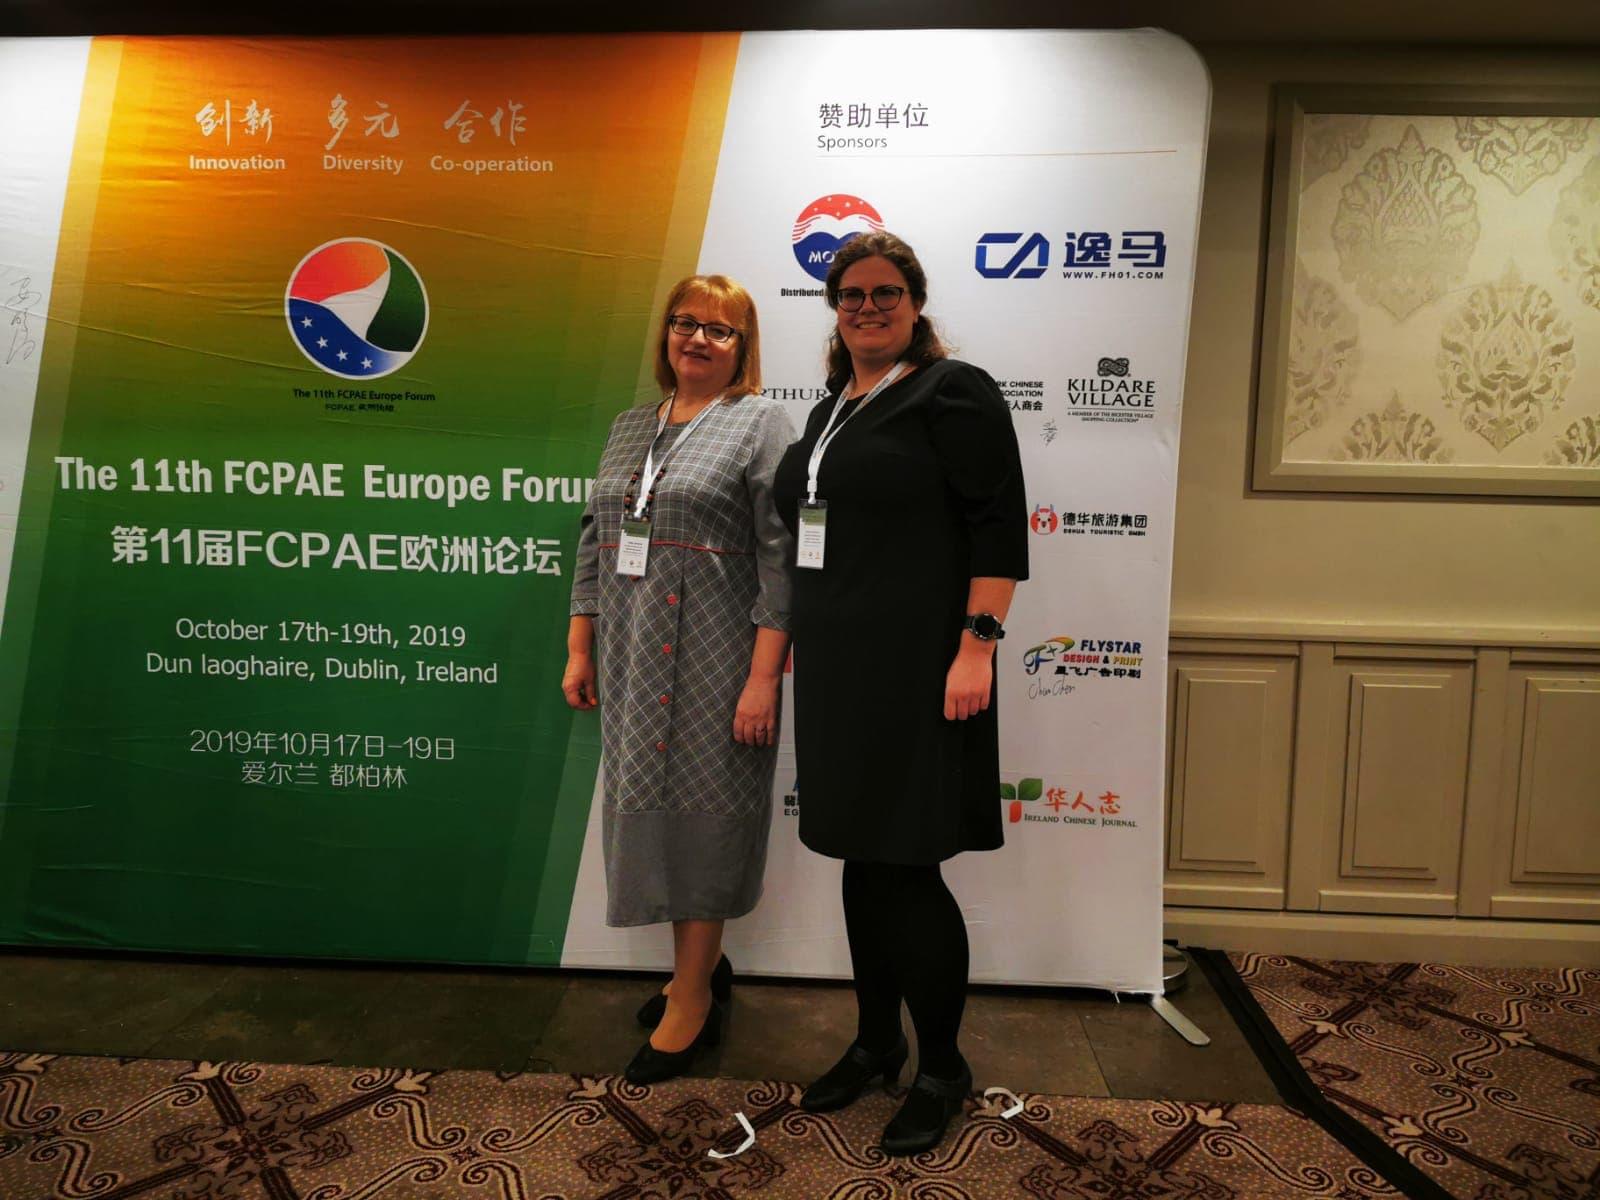 Starptautiskā konferencē Dublinā diskutē par Mākslīgo intelektu